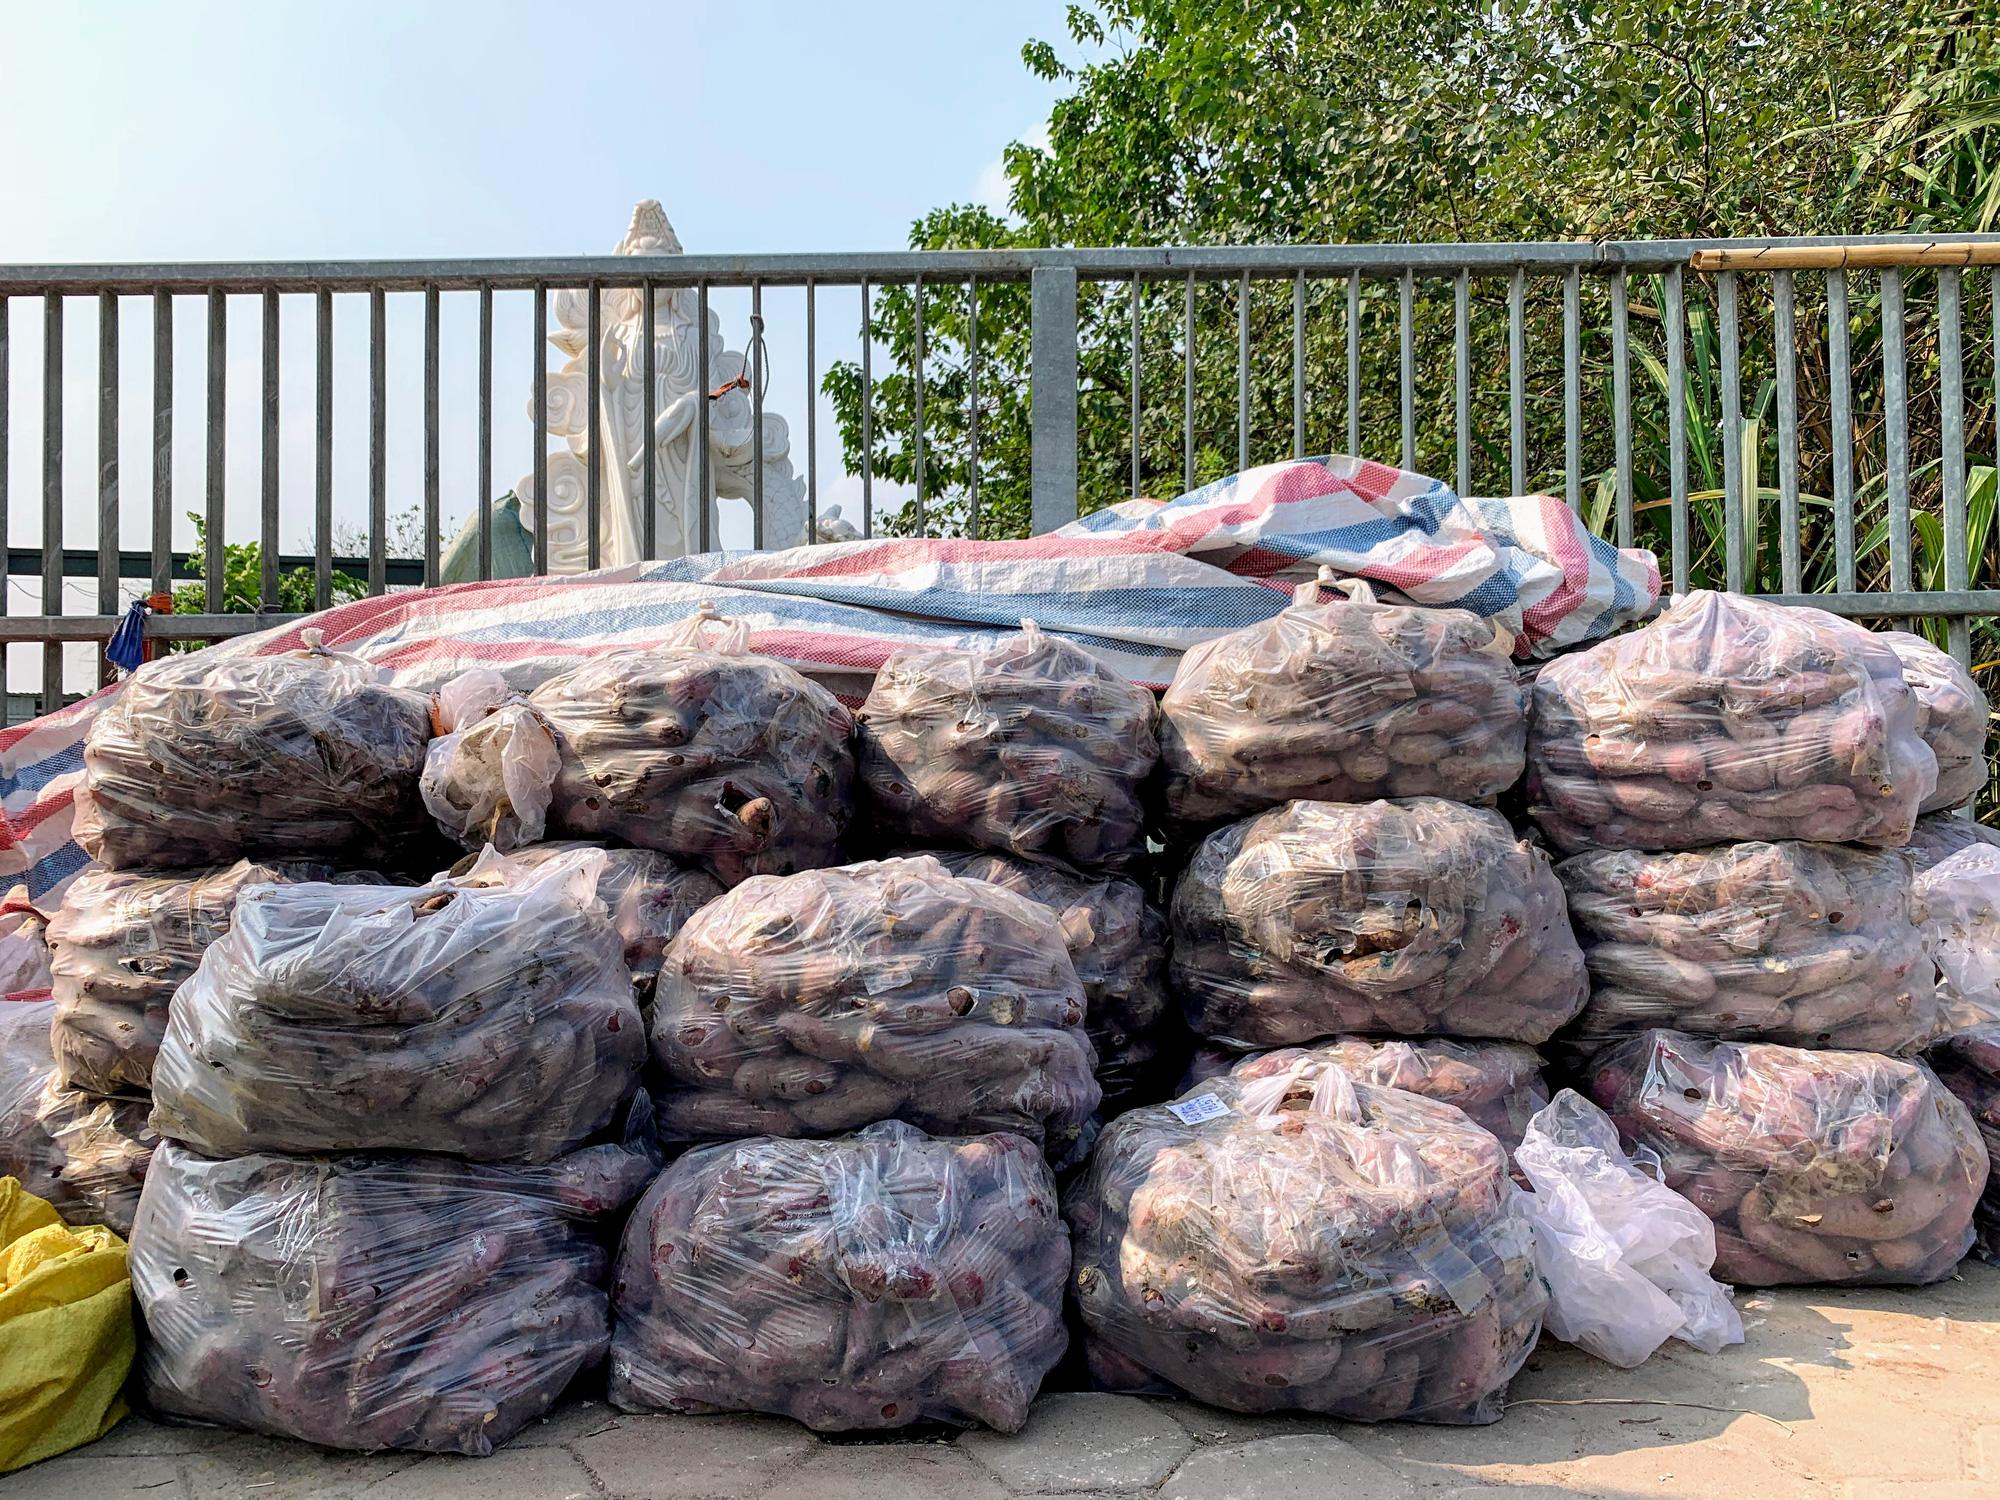 Hàng trăm tấn khoai lang nằm dài trên đường phố Hà Nội chờ 'giải cứu' - Ảnh 11.